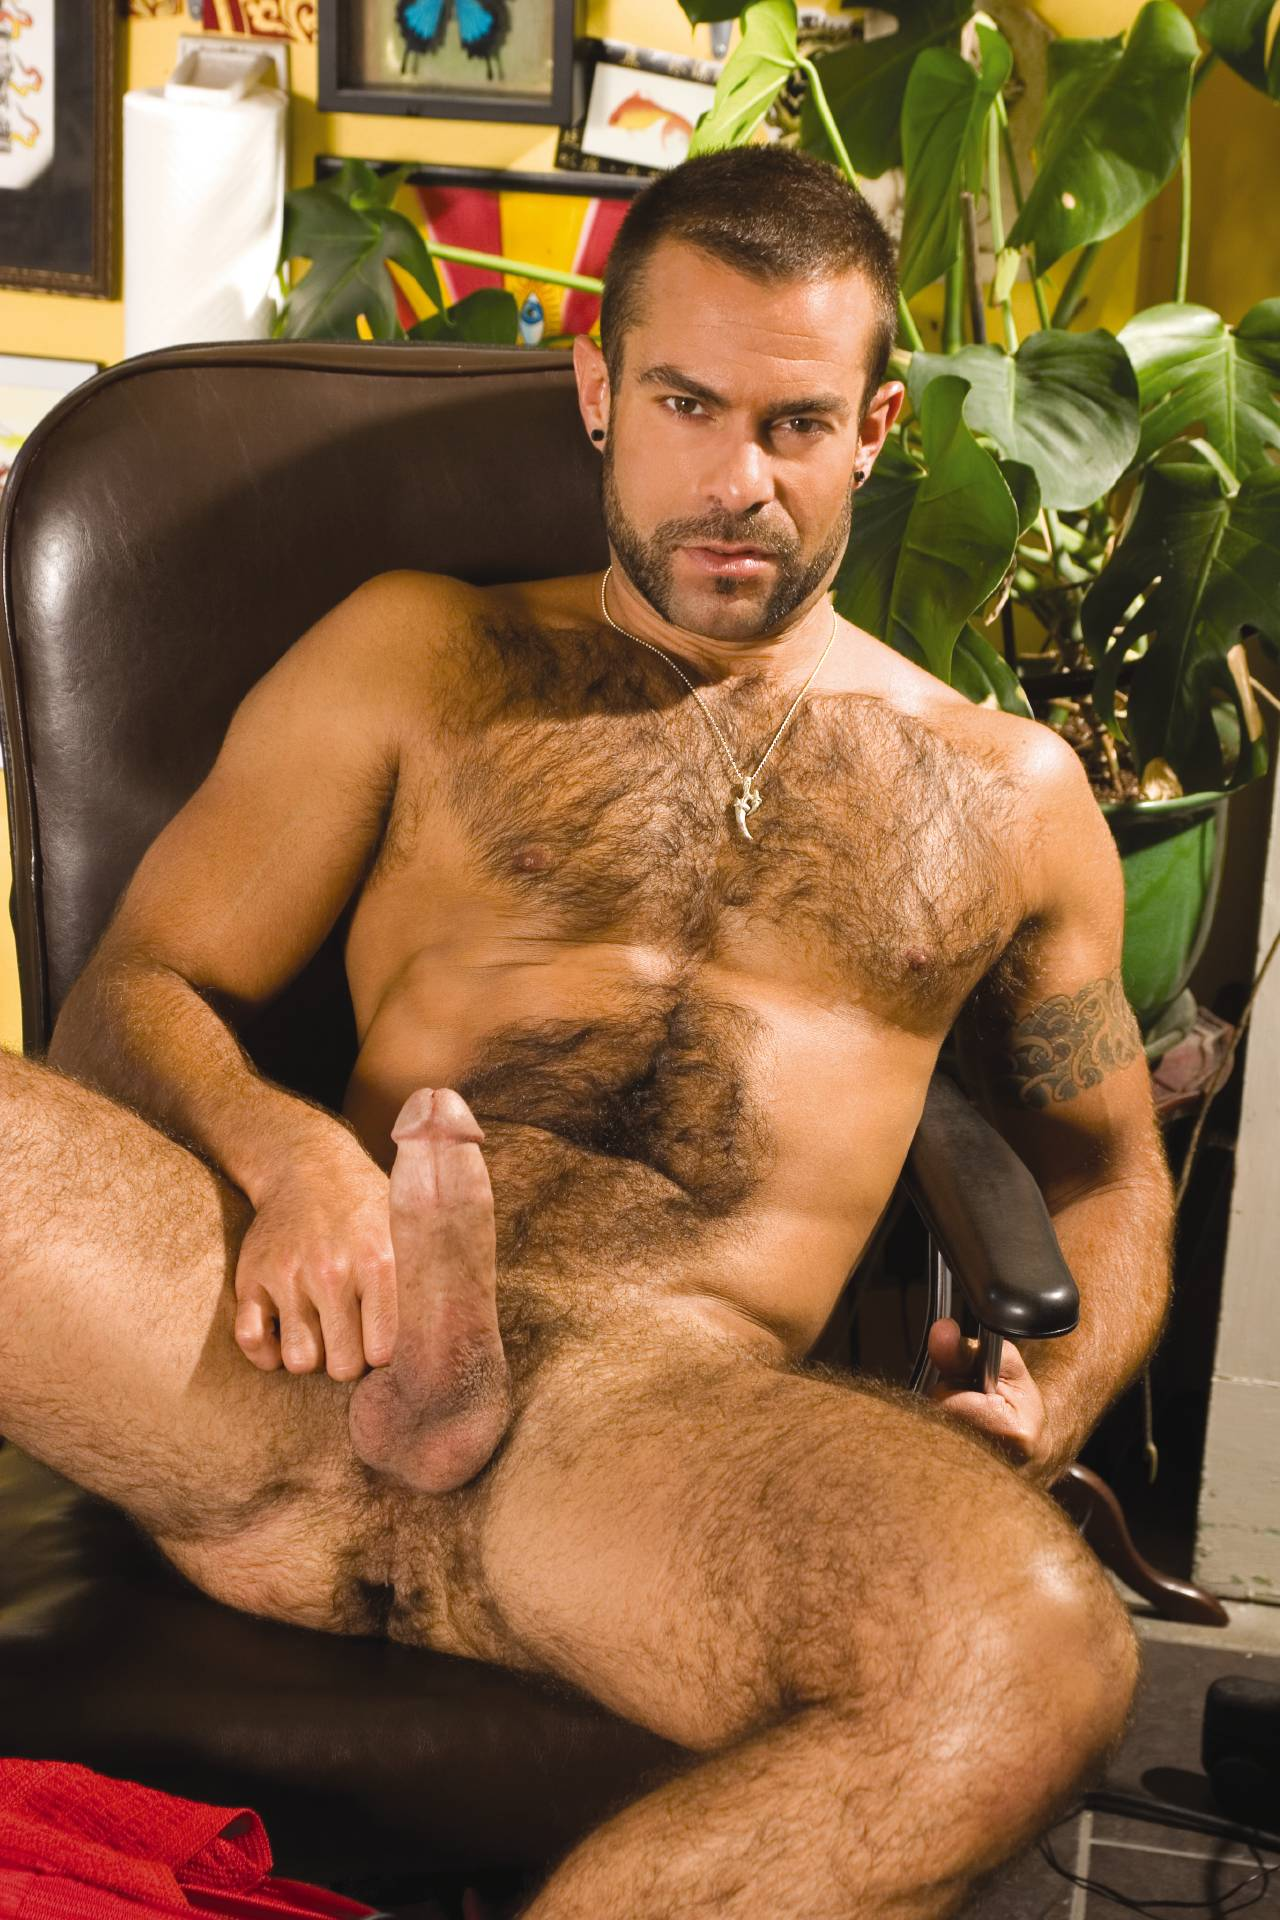 curly nudist porno pics